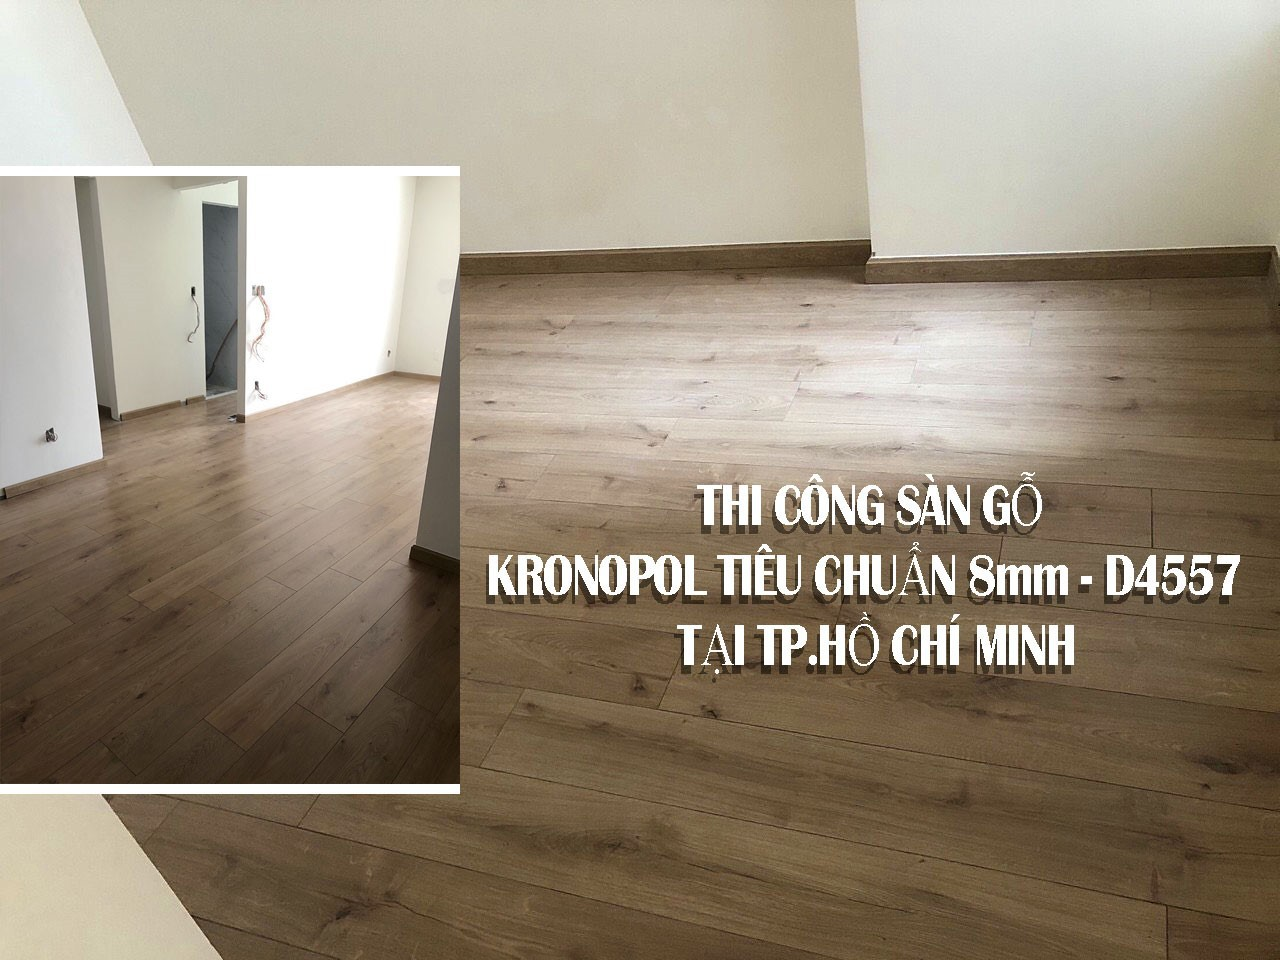 Thi công sàn gỗ Kronopol tiêu chuẩn 8mm - D4557 tại TP. Hồ Chí Minh